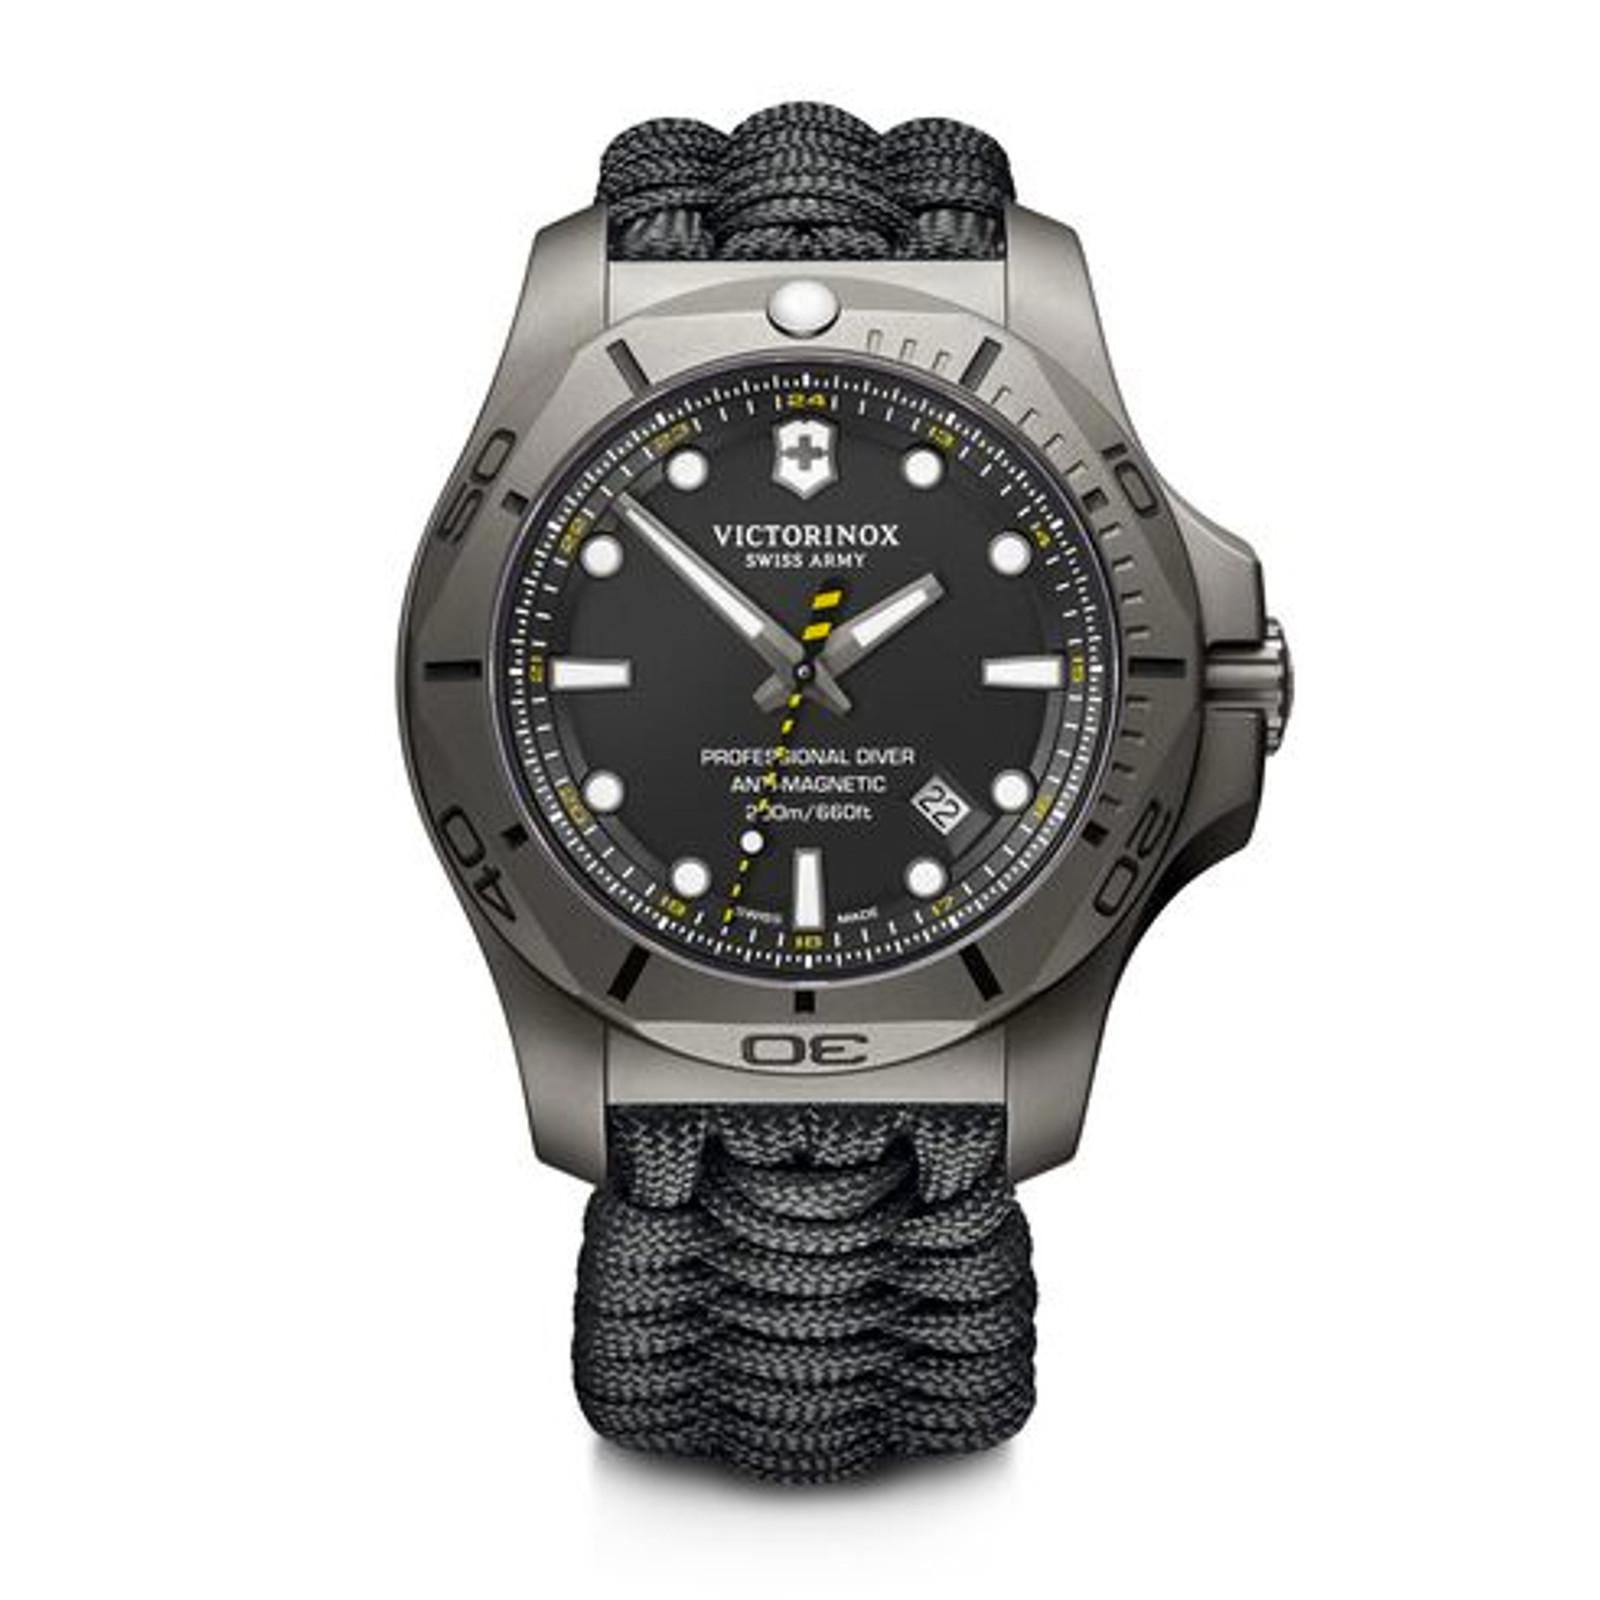 Victorinox INOX Professional Diver Titanium (241812)